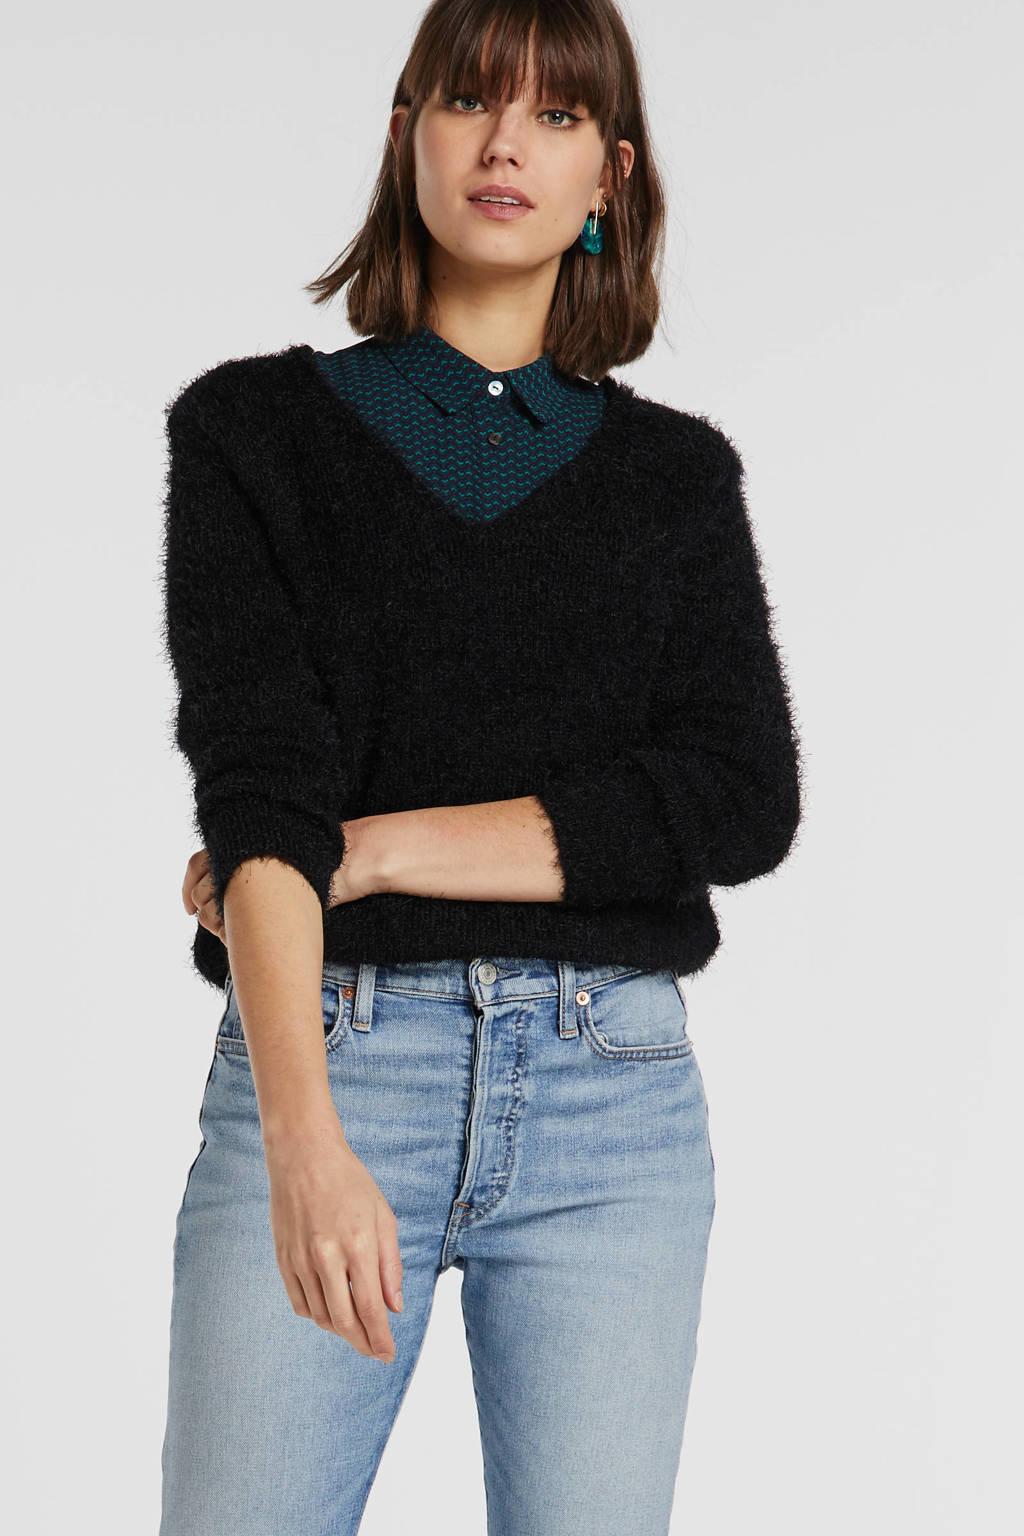 JACQUELINE DE YONG fijngebreide trui zwart, Zwart